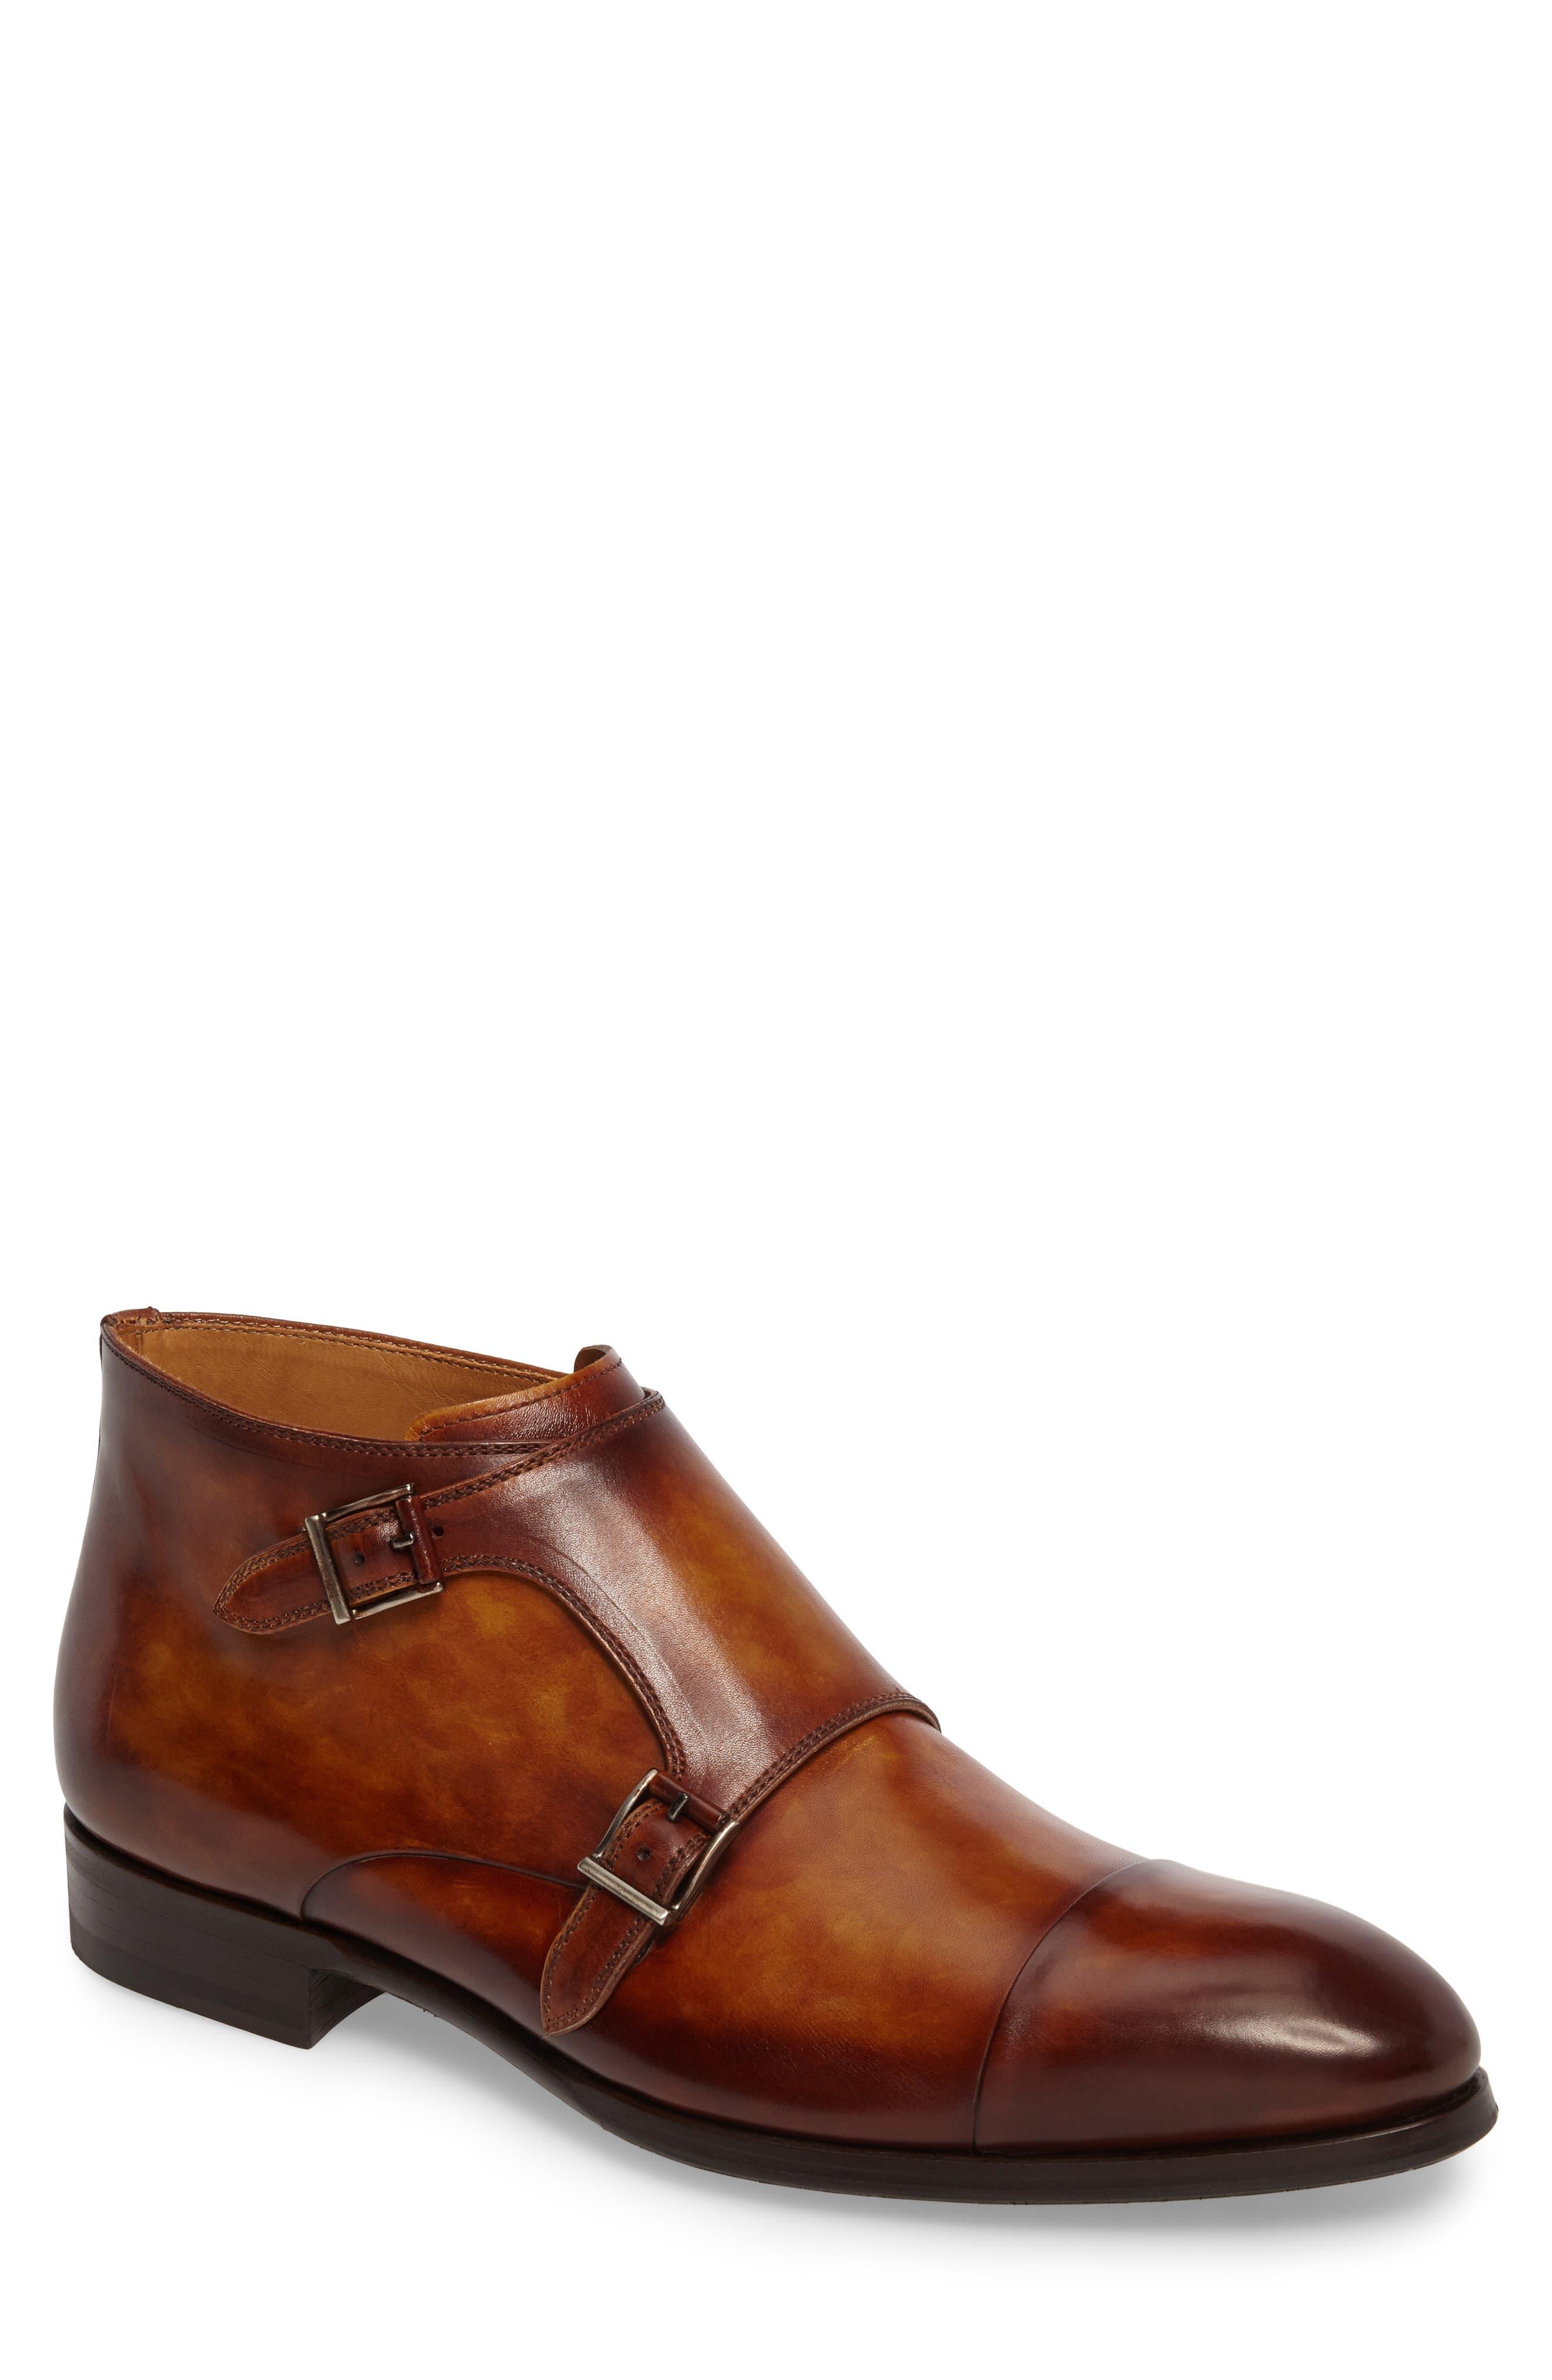 Lavar Double Monk Strap Boot,                             Main thumbnail 1, color,                             210